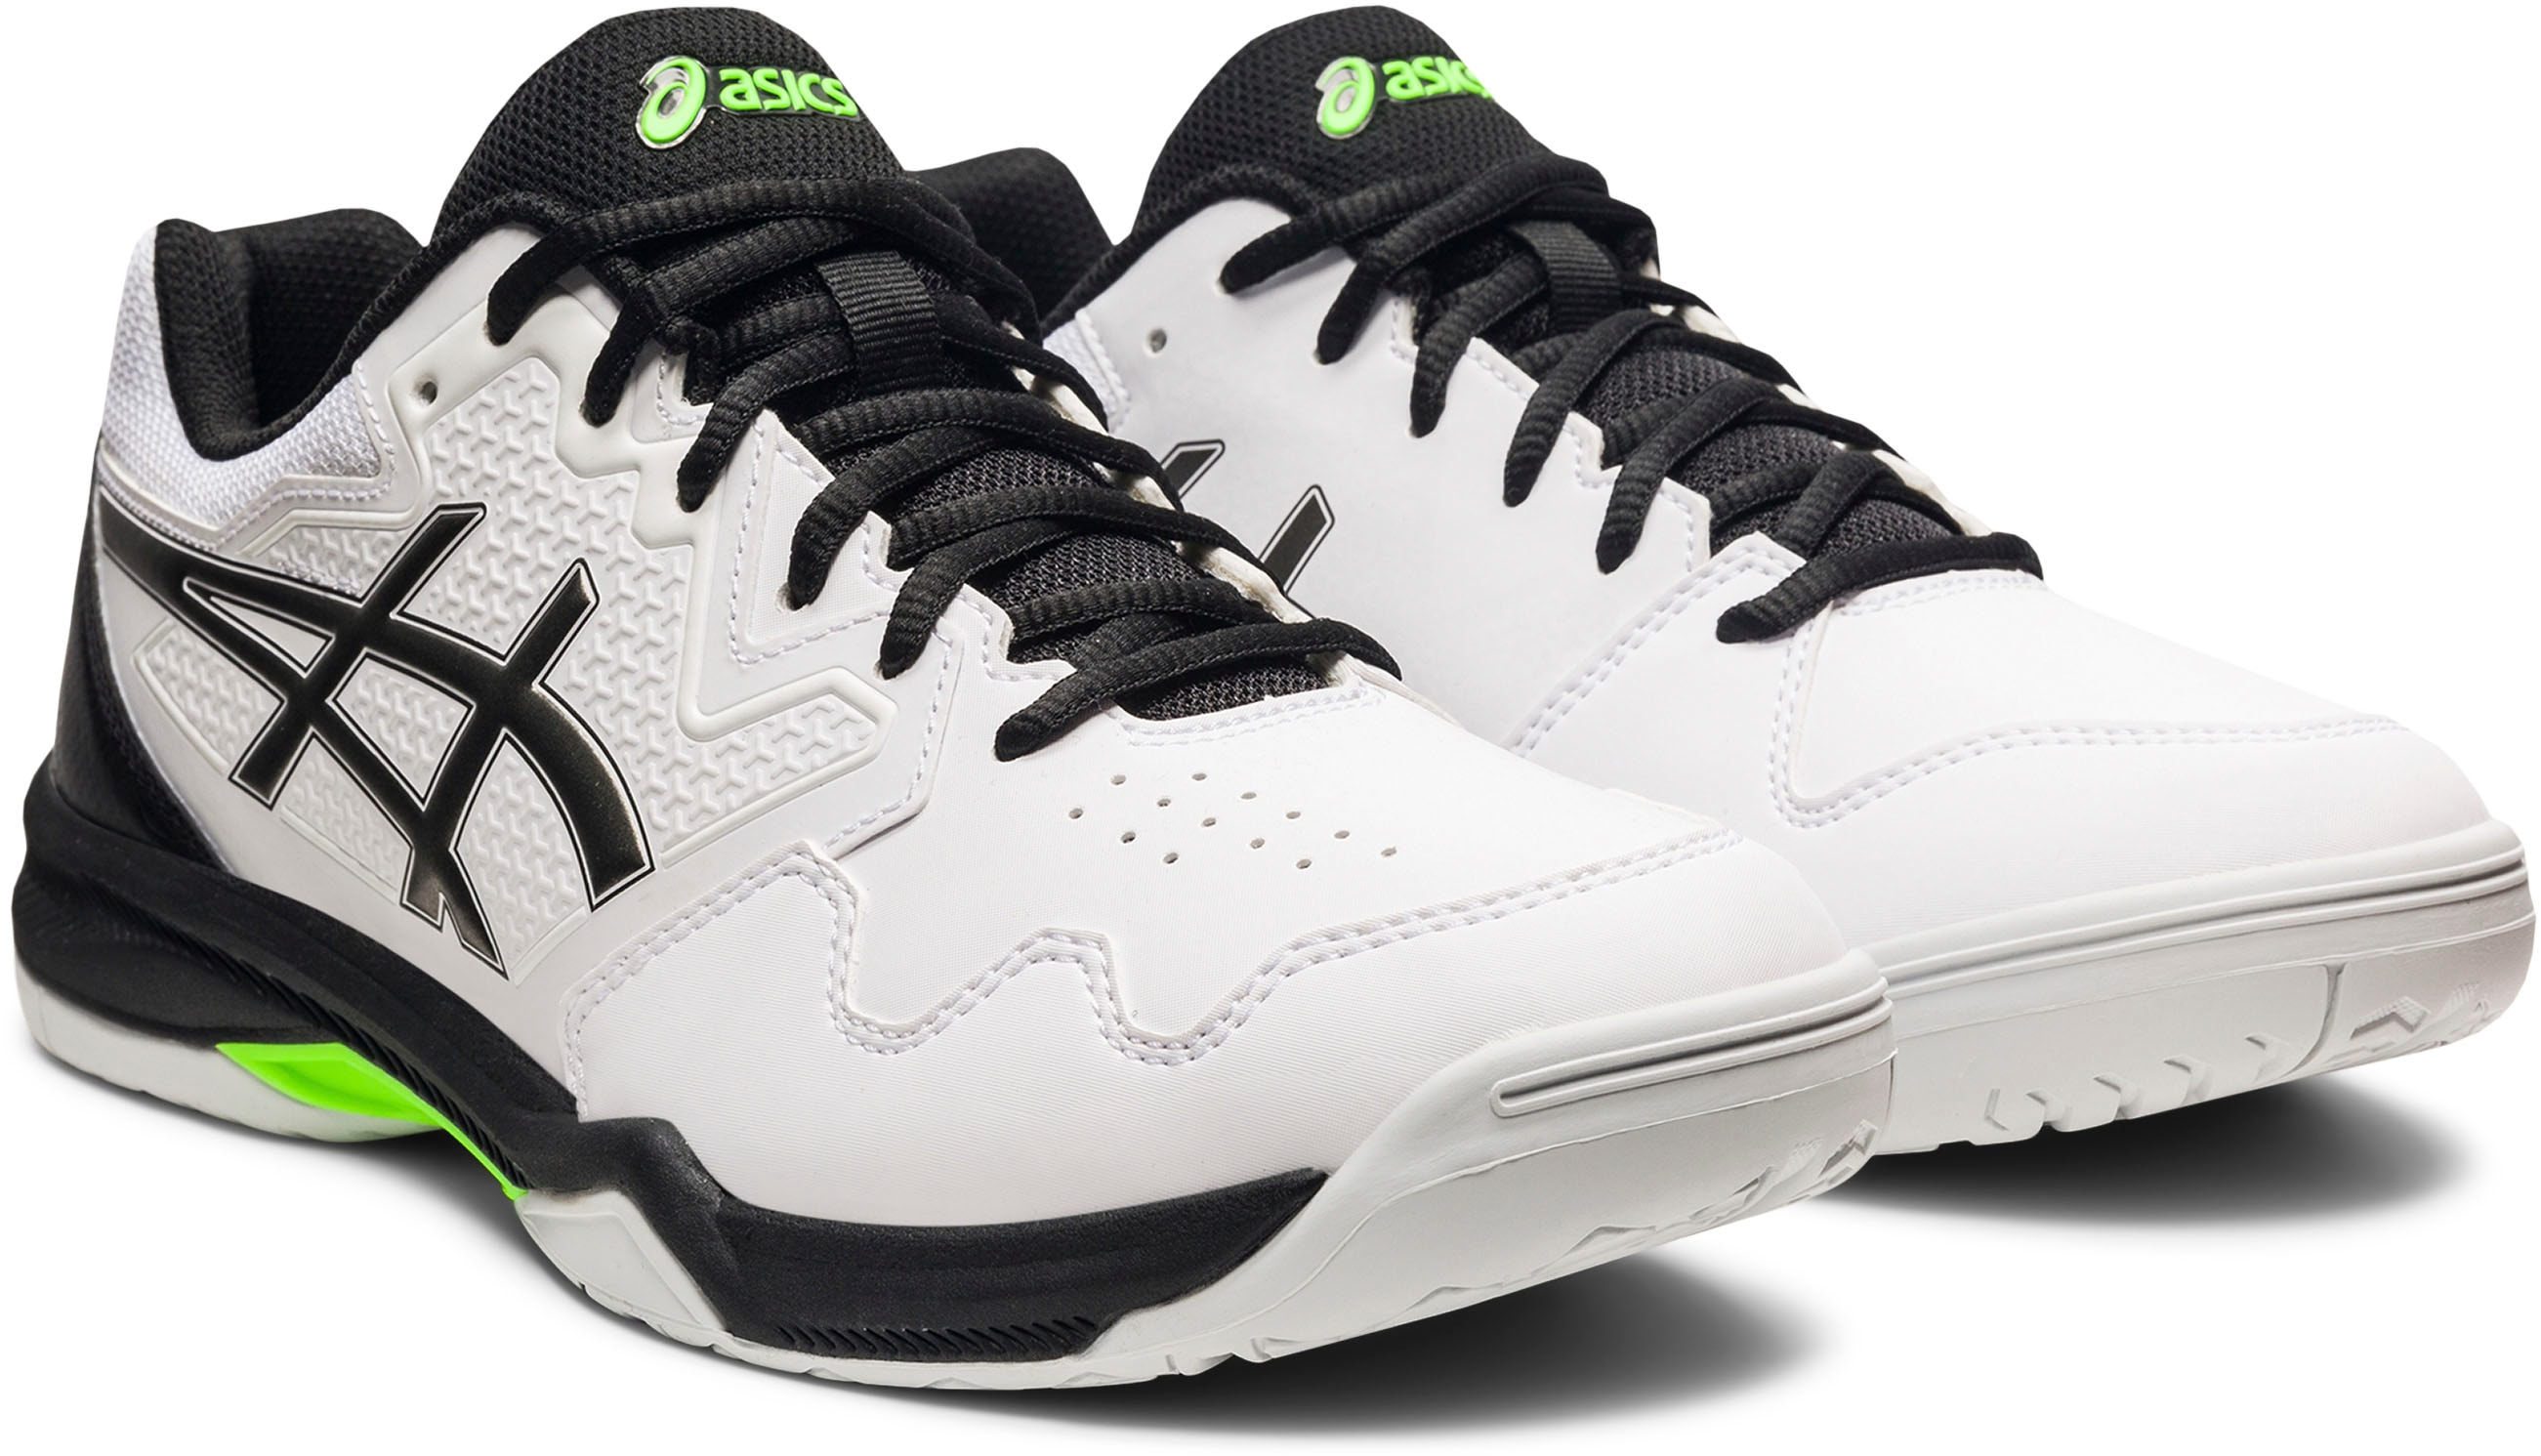 Asics Tennisschuh GEL-DEDICATE 7 weiß Tennis Schuhe Sportarten